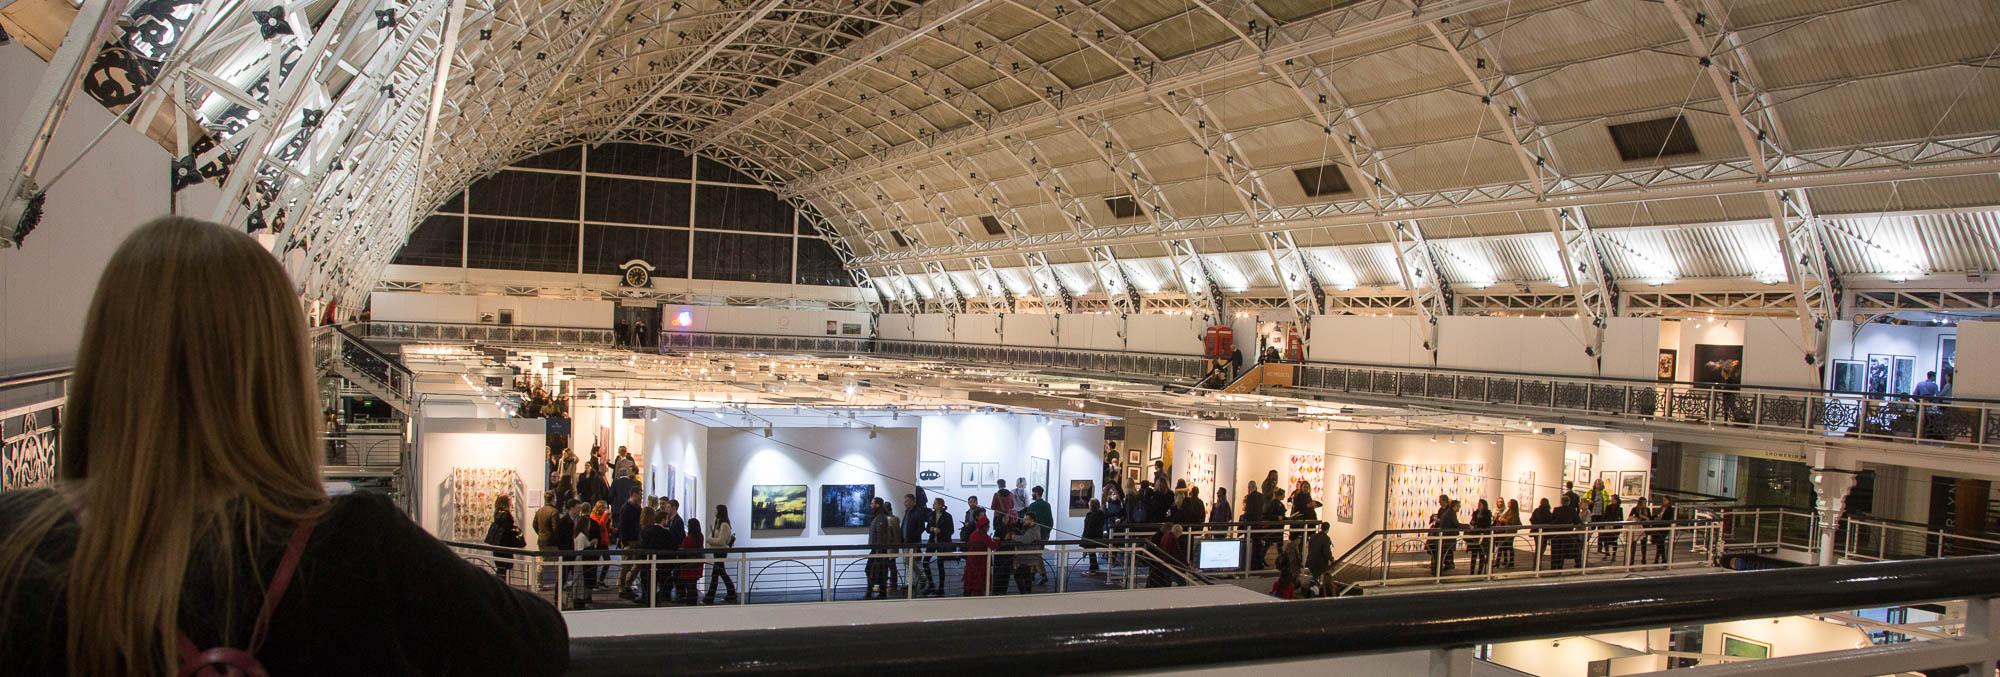 London Art Fair and Photo50 at the design centre near Islington